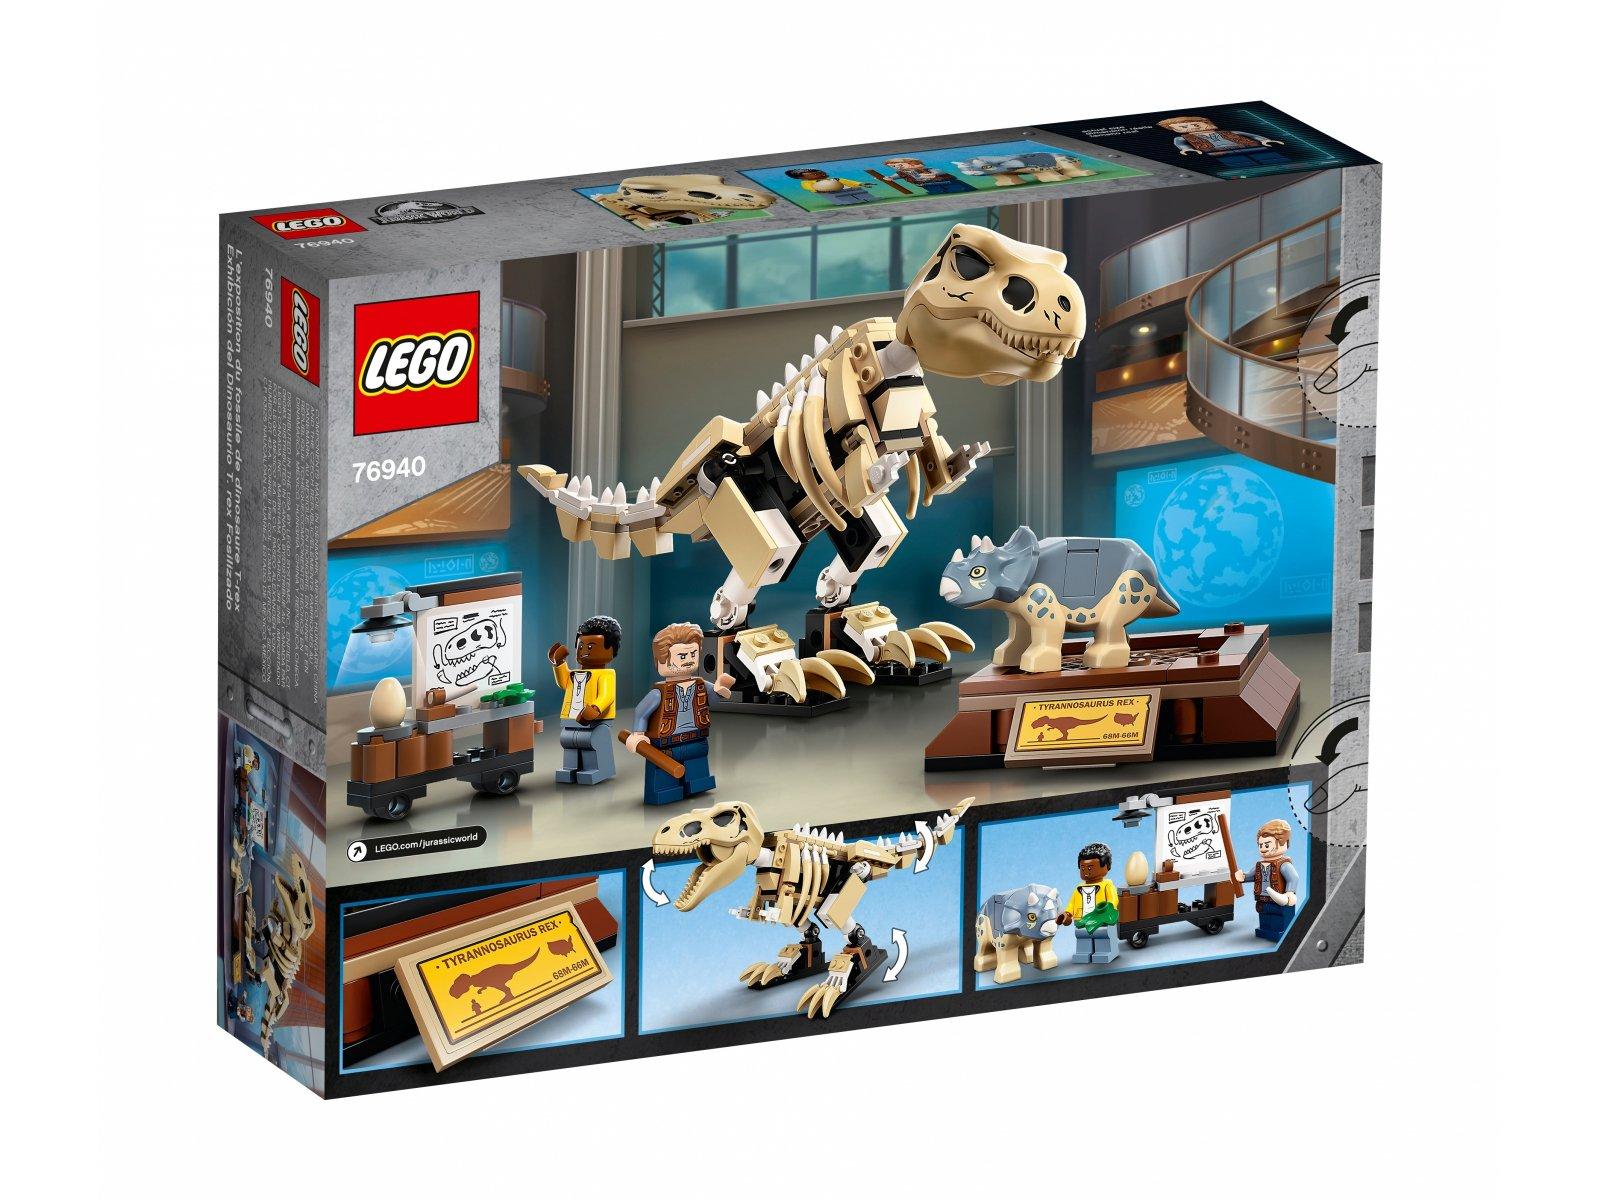 LEGO 76940 Jurassic World Wystawa skamieniałości tyranozaura